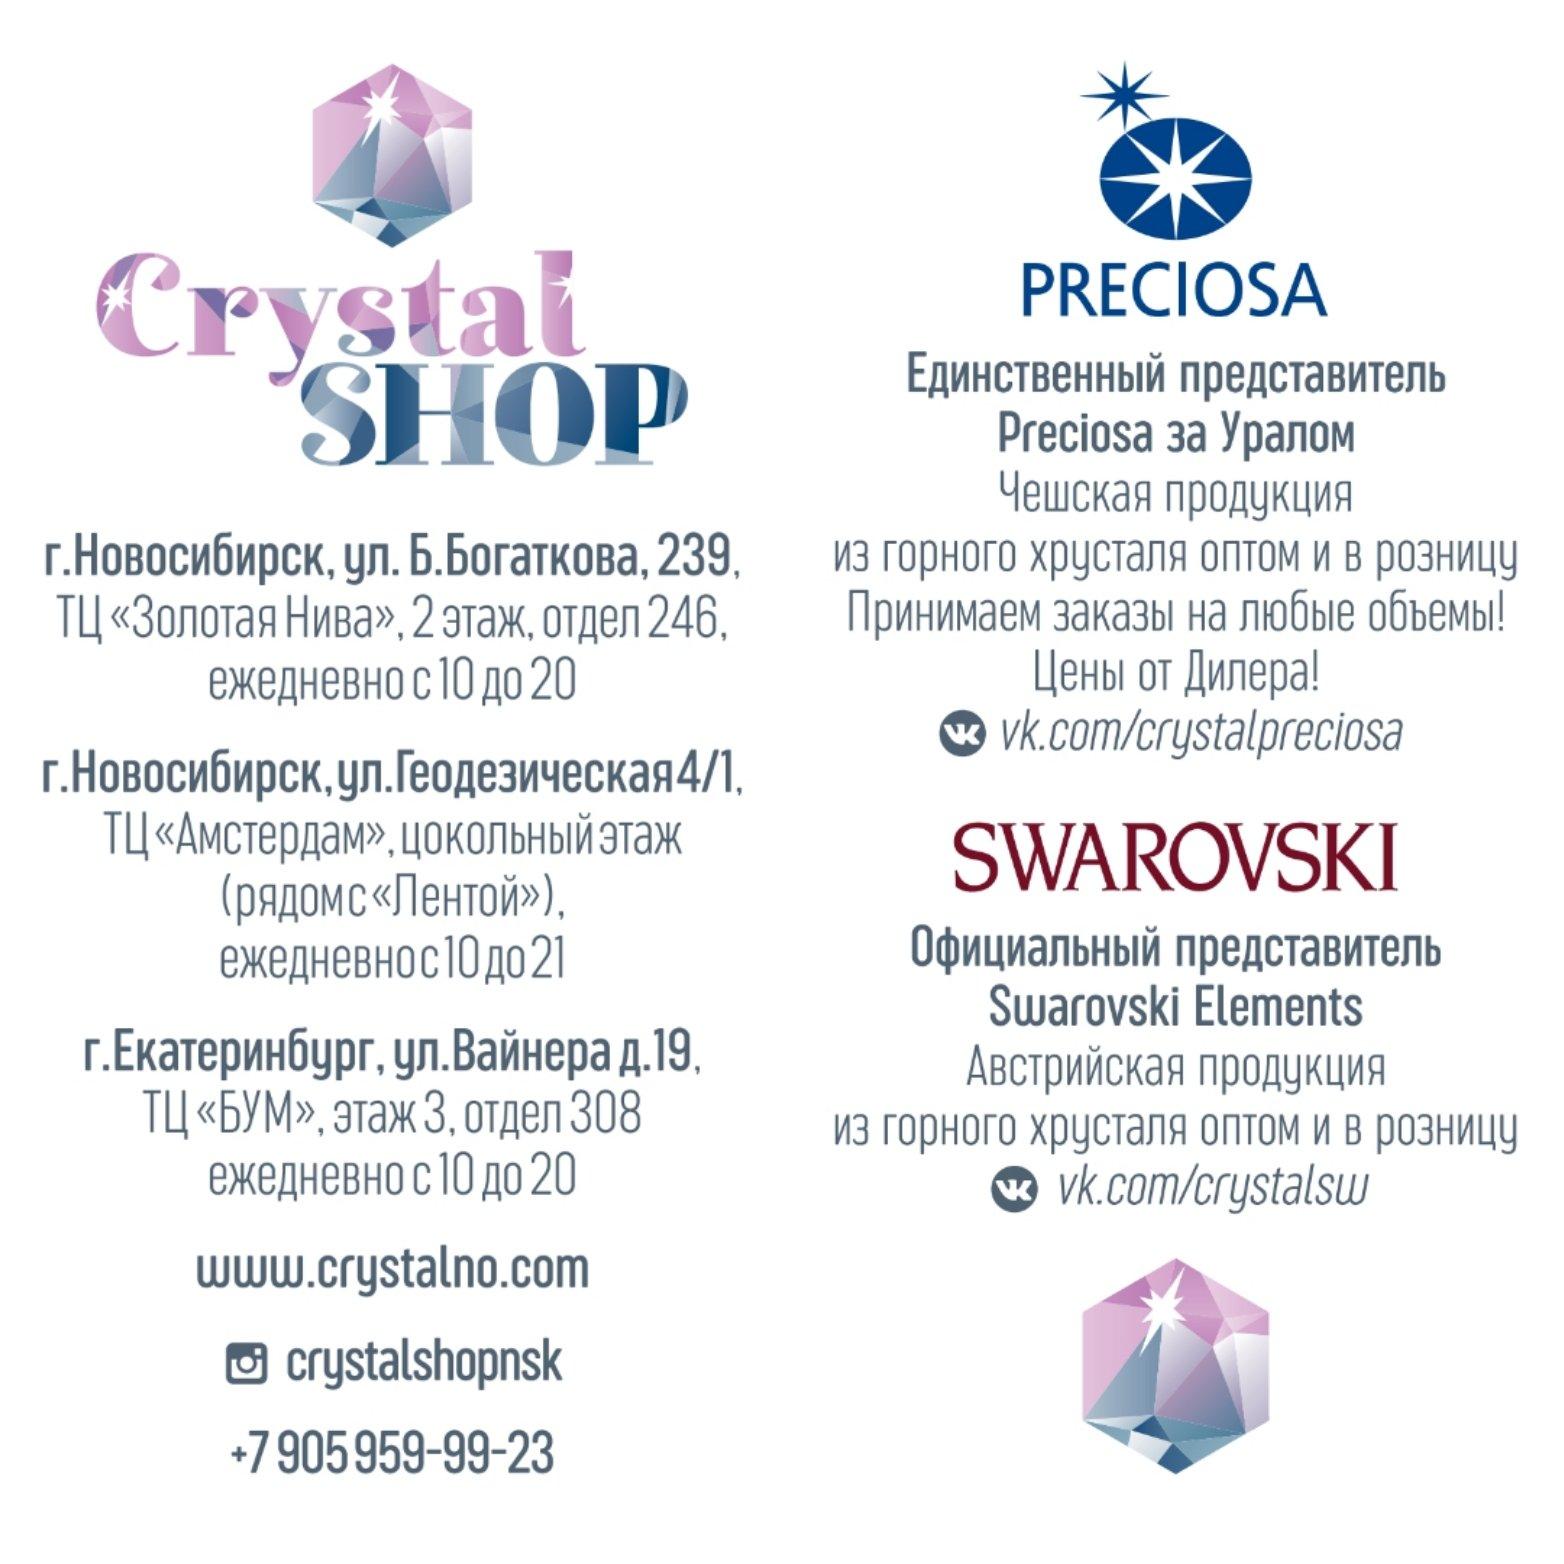 Открытие магазина в городе Екатеринбурге!